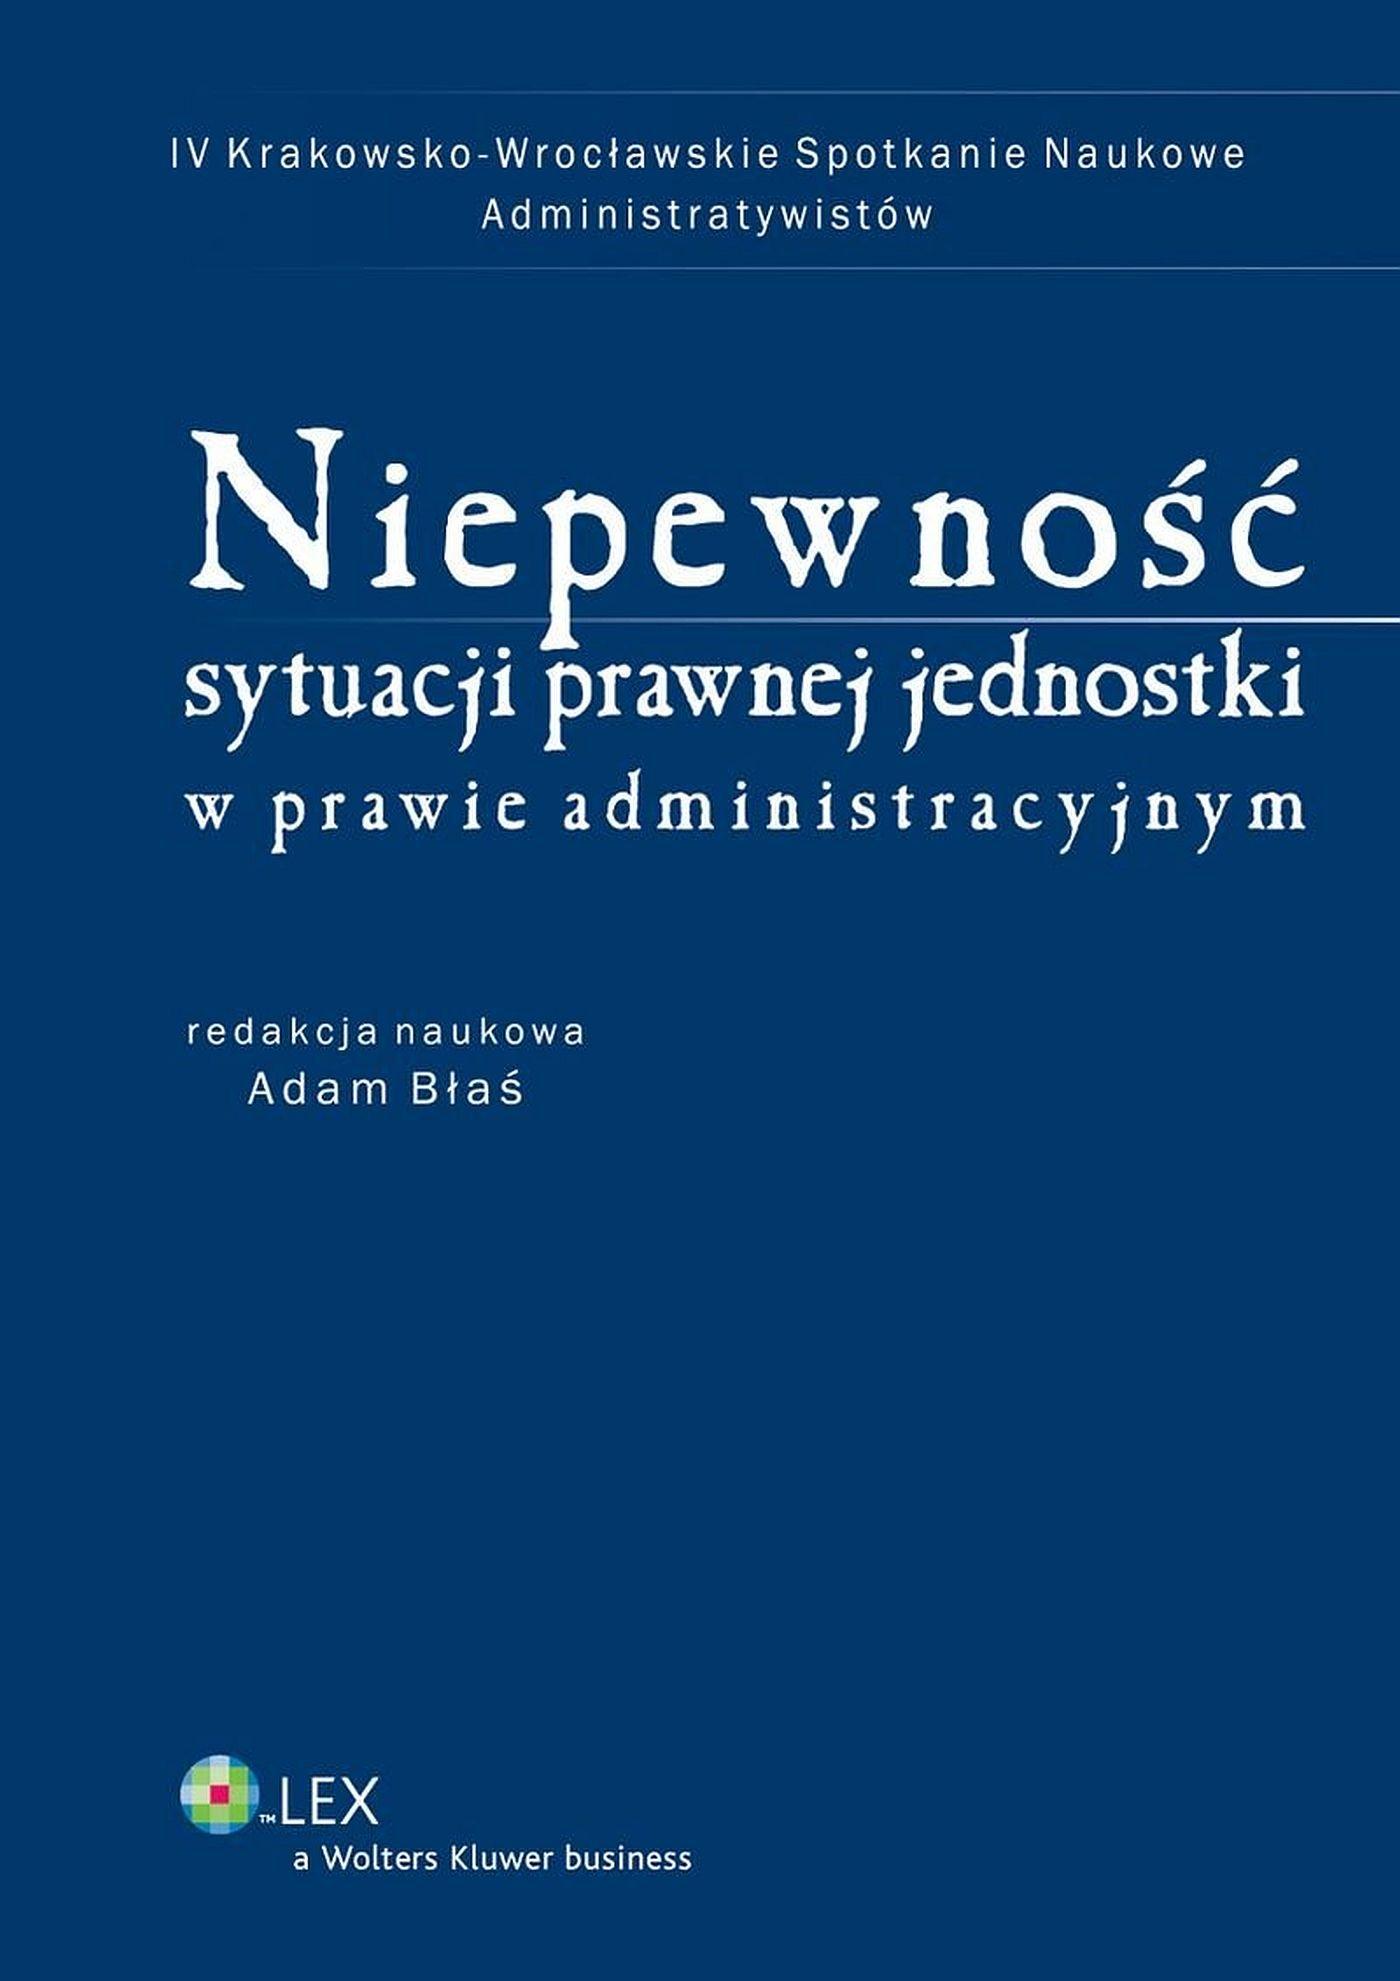 Niepewność sytuacji prawnej jednostki w prawie administracyjnym - Ebook (Książka EPUB) do pobrania w formacie EPUB